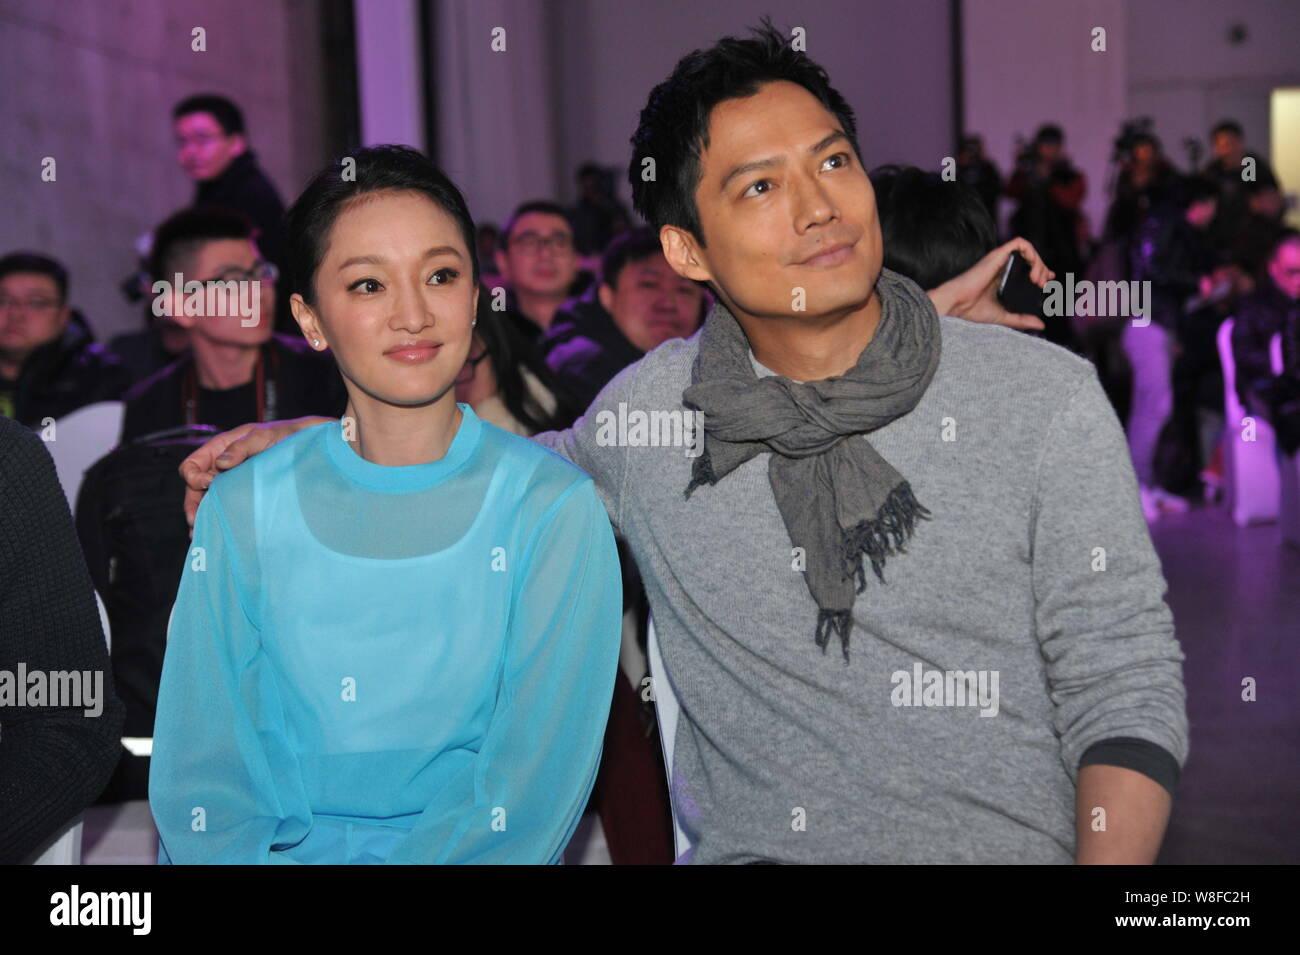 Attrice cinese Zhou Xun, anteriore e il suo attore americano marito Archie Kao partecipare ad un evento di Premiere per il micro film 'Dream fuga' per promuovere Infini Foto Stock